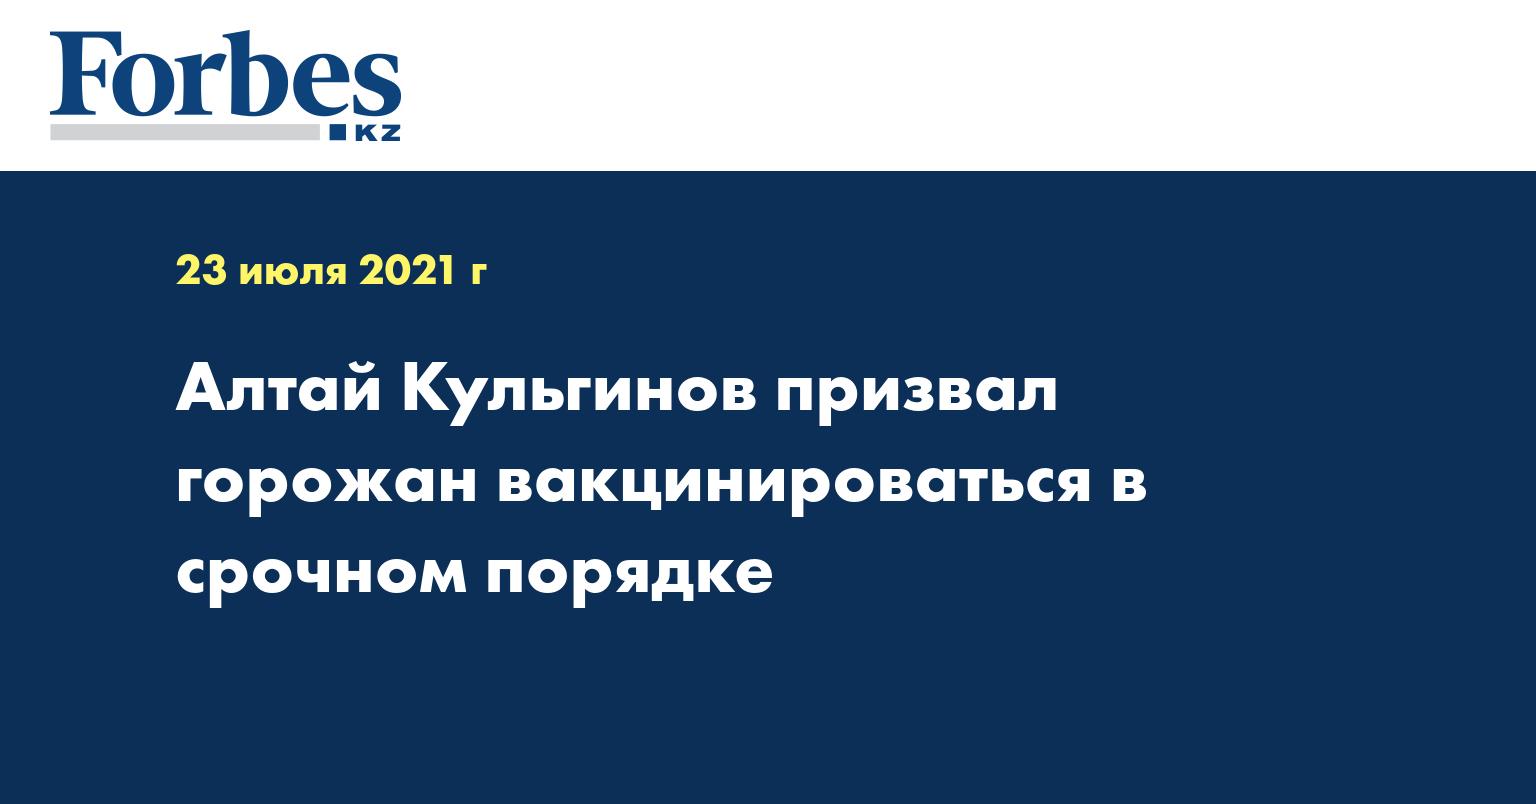 Алтай Кульгинов призвал горожан вакцинироваться в срочном порядке